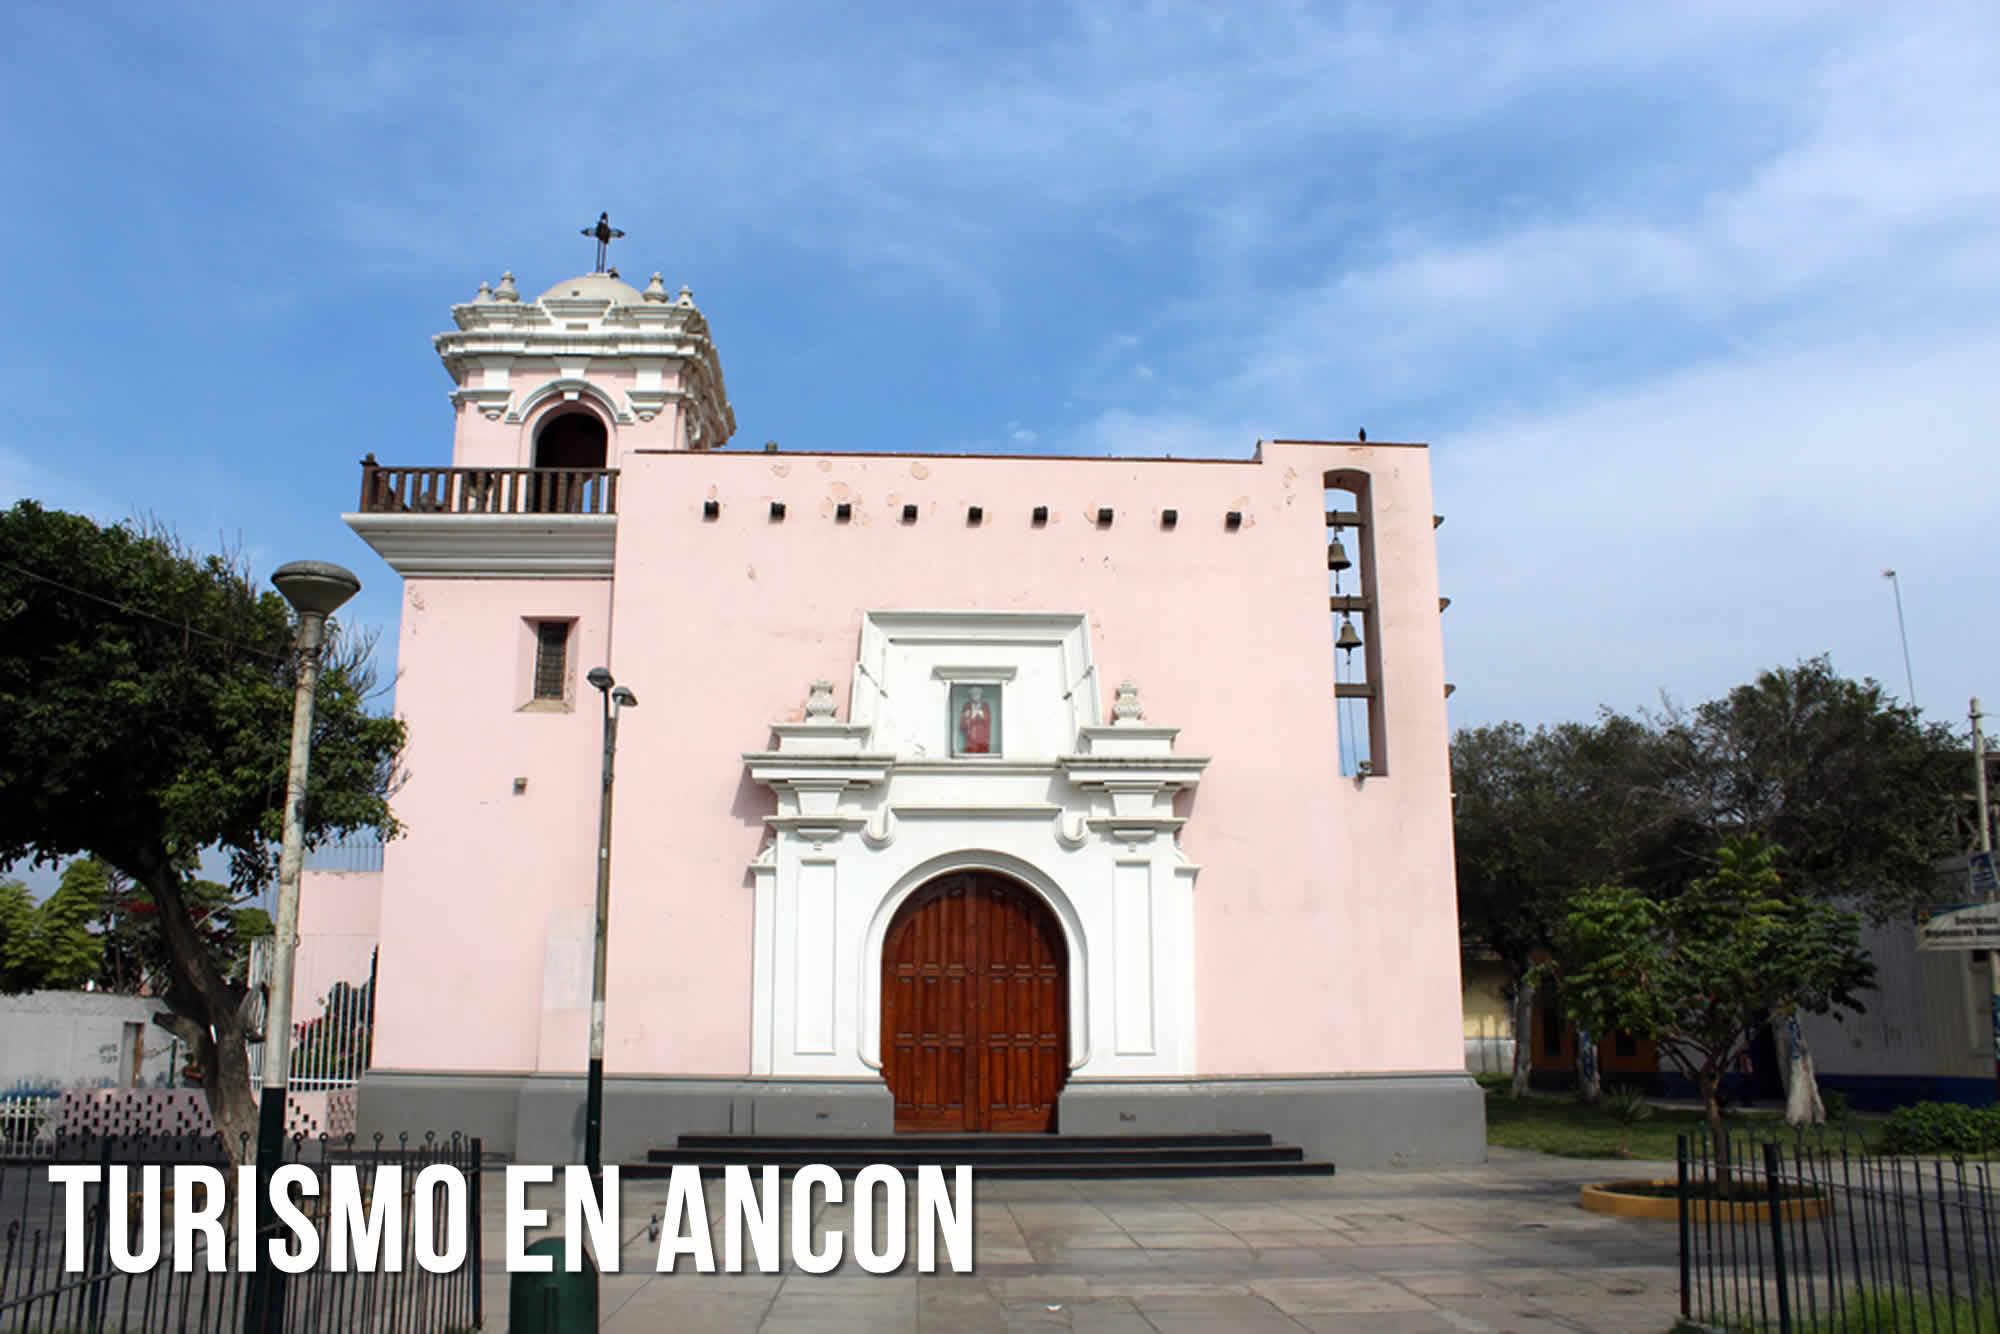 TURISMO EN ANCON | IGLESIA SAN PEDRO